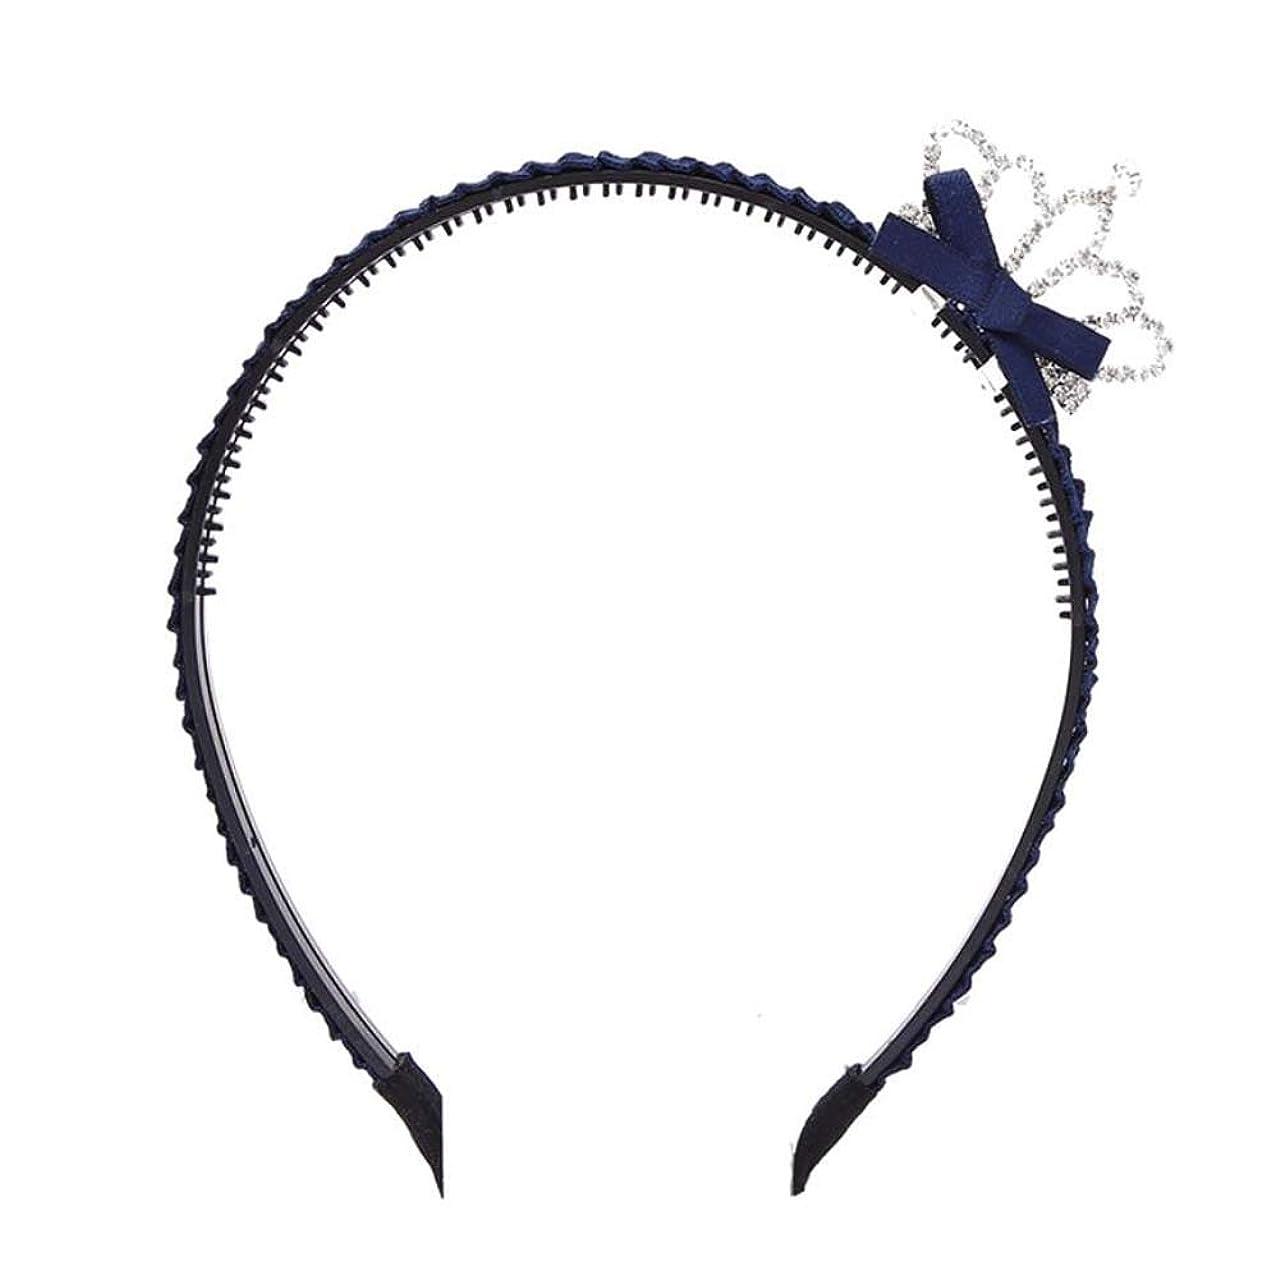 ネクタイゆりかごレビュー子供たちクラウン歯付きヘッドバンドヘアアクセサリーハードヘッドバンド少女のための 04